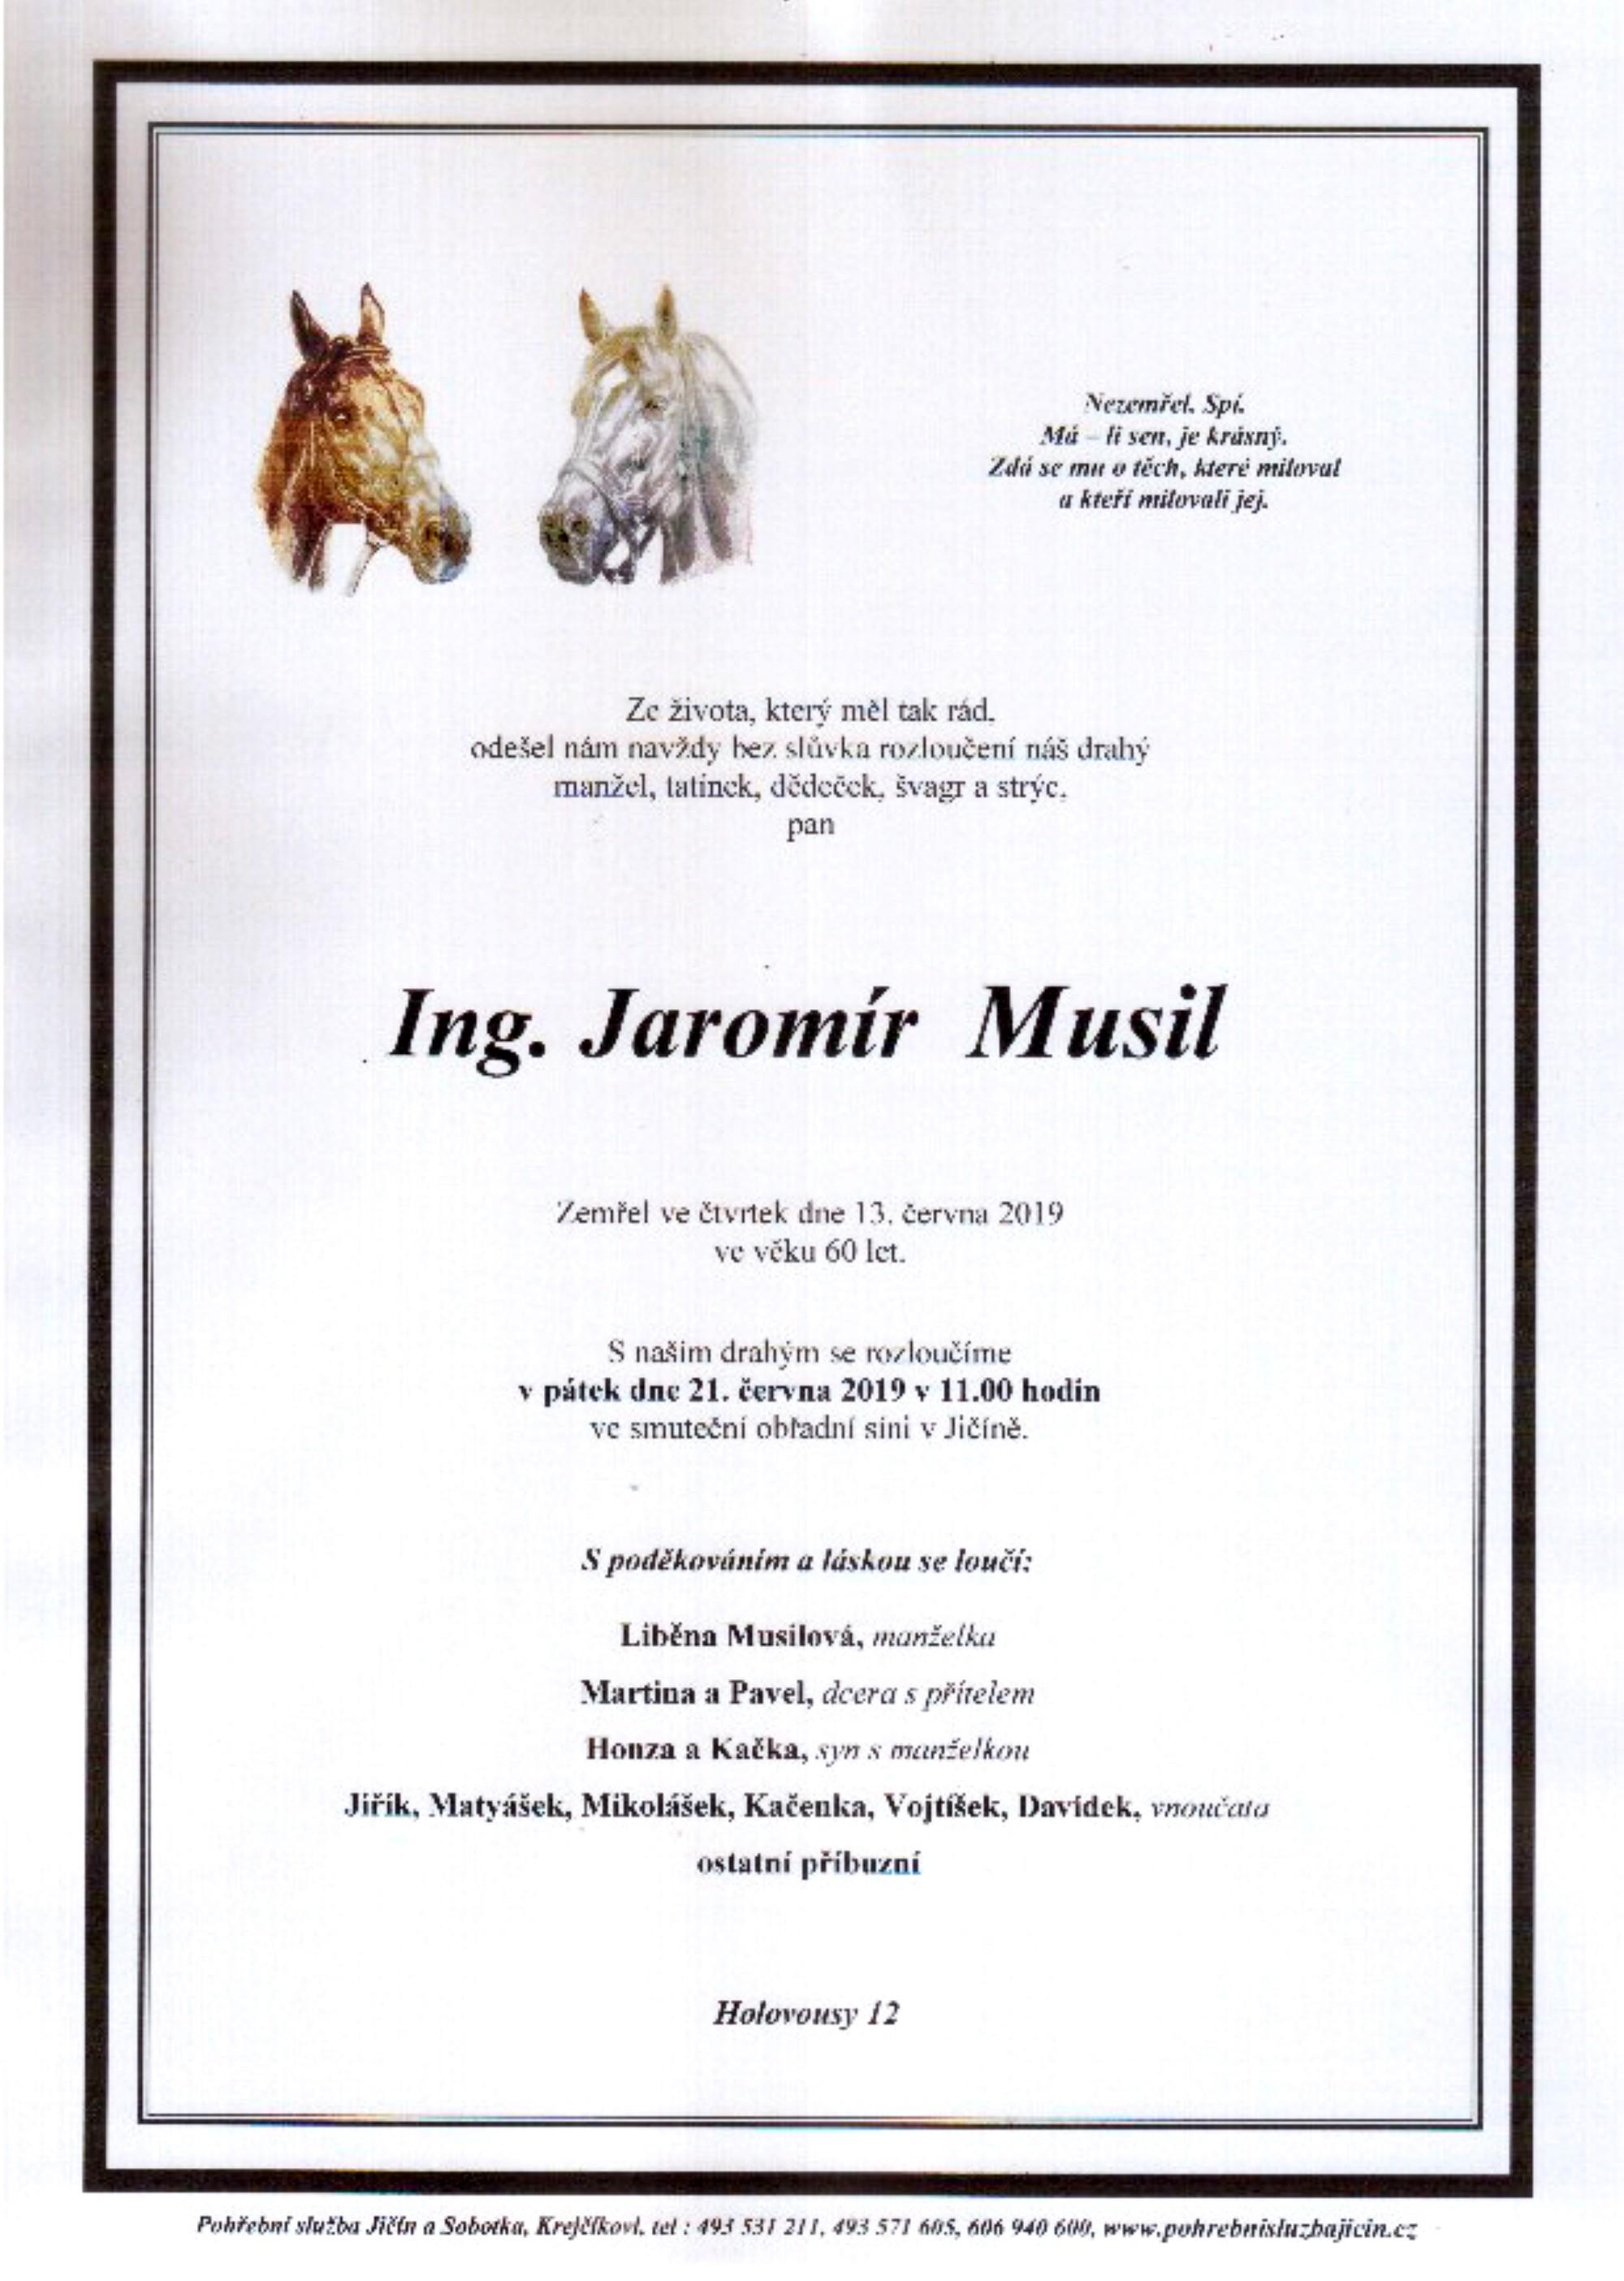 Ing. Jaromír Musil